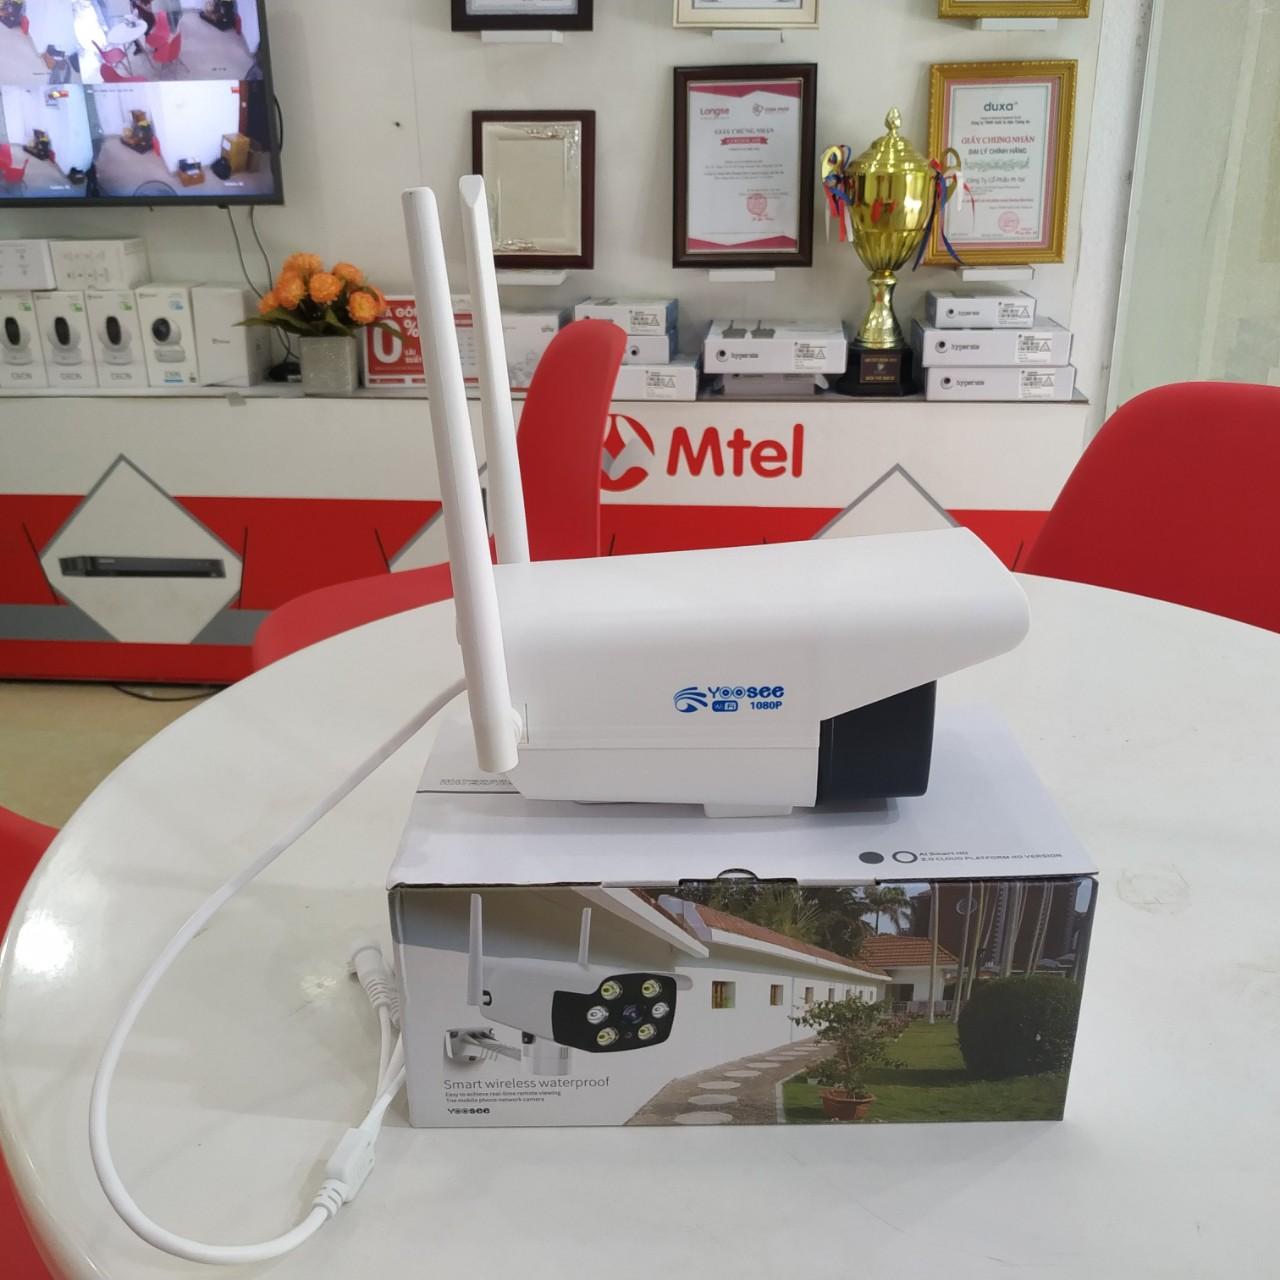 hình ảnh sản phẩm tại showroom camera wifi